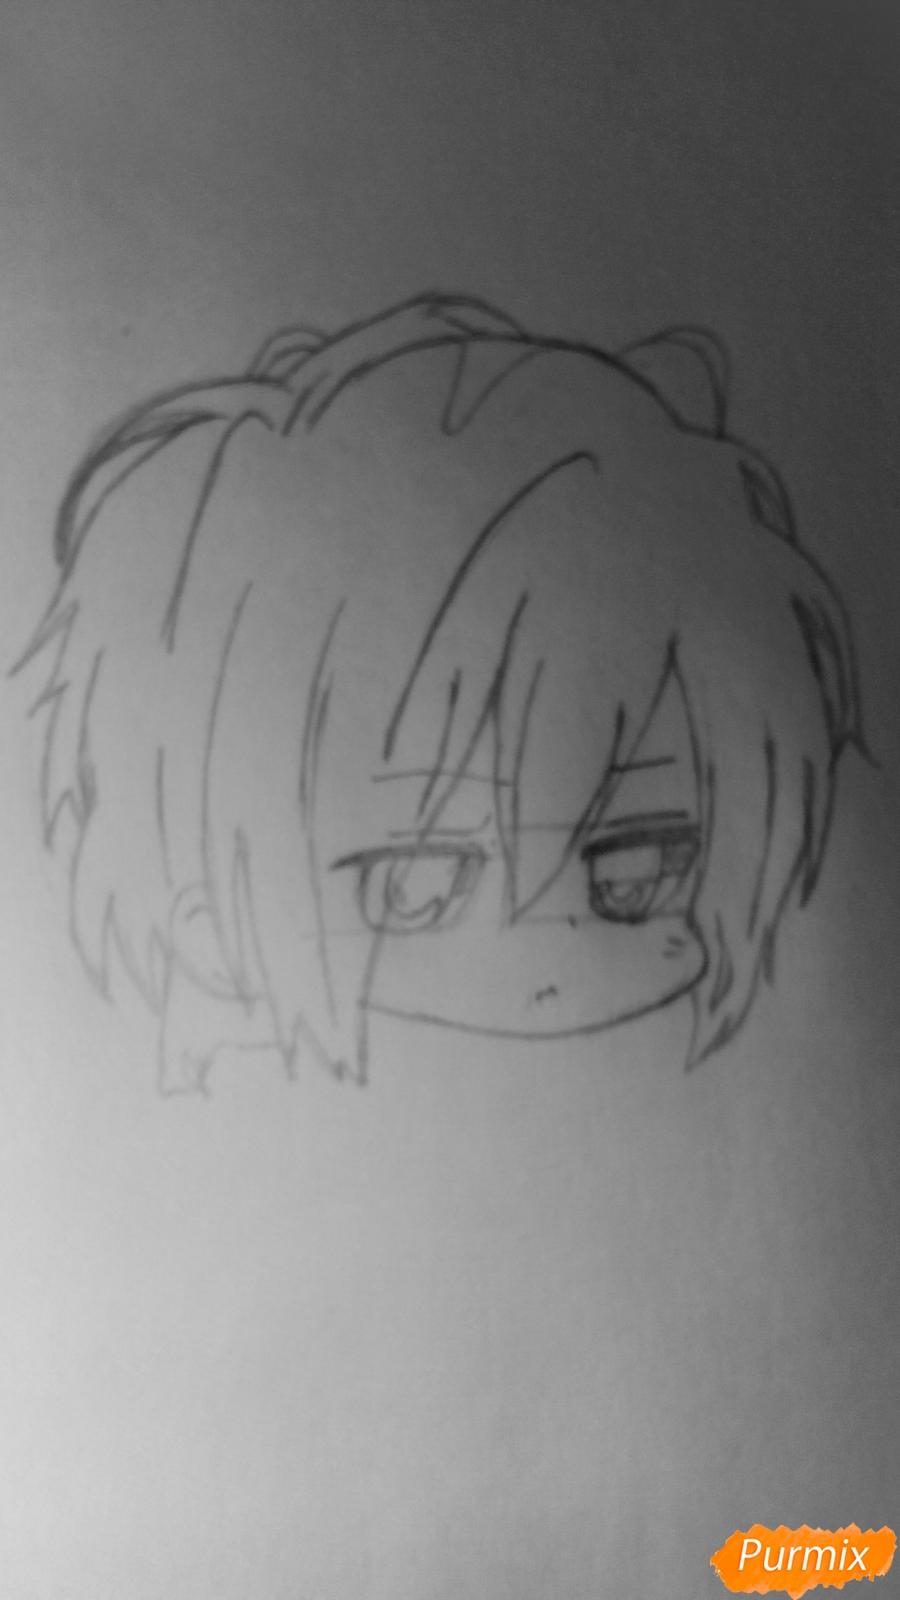 Рисуем чиби Сайто Хаджиме из аниме Сказание о демонах сакуры - фото 3